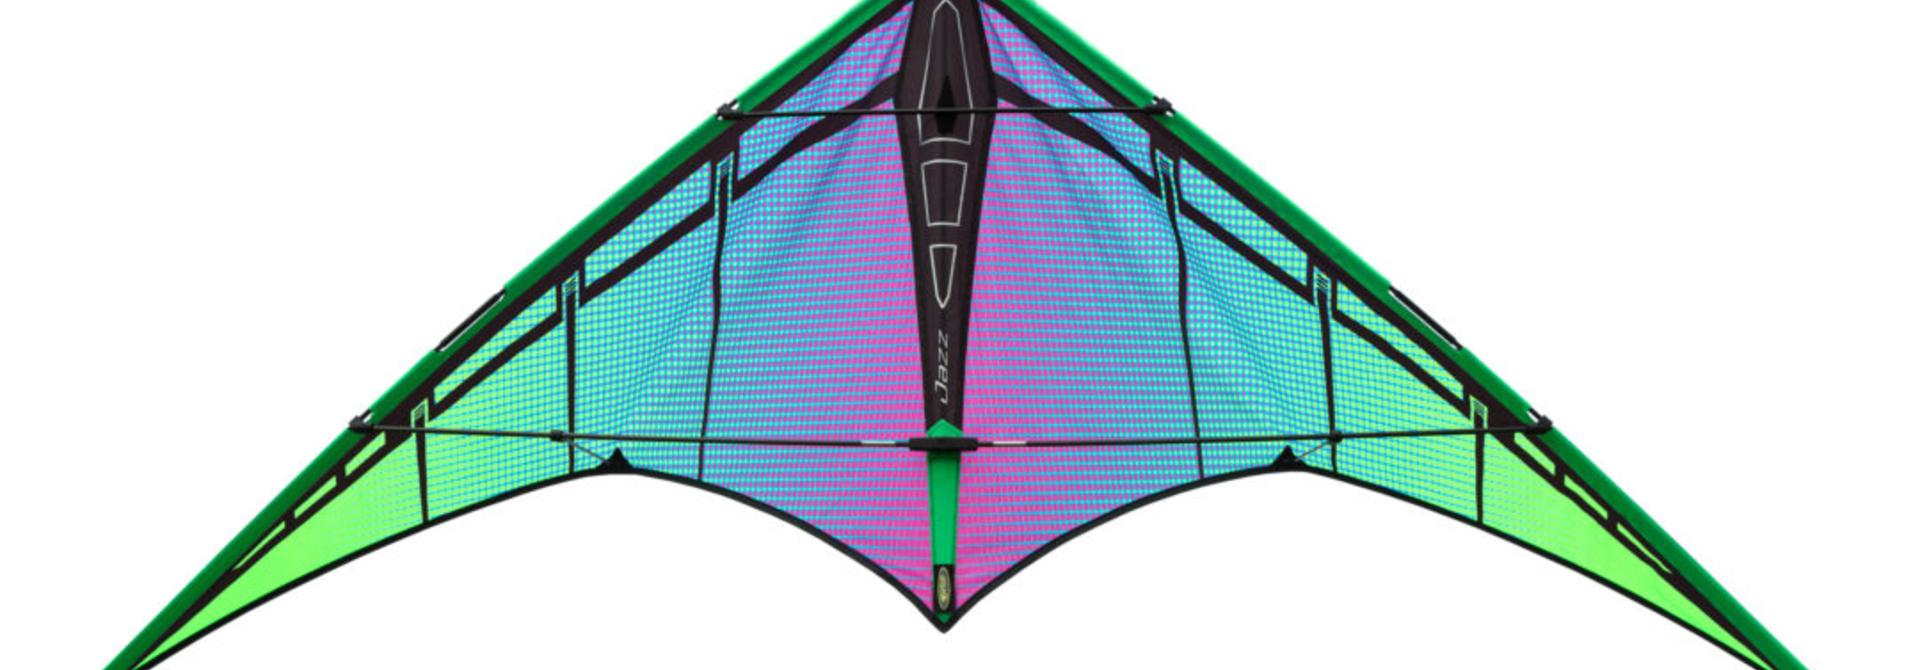 Jazz 2.0 Sport Kite, Electric